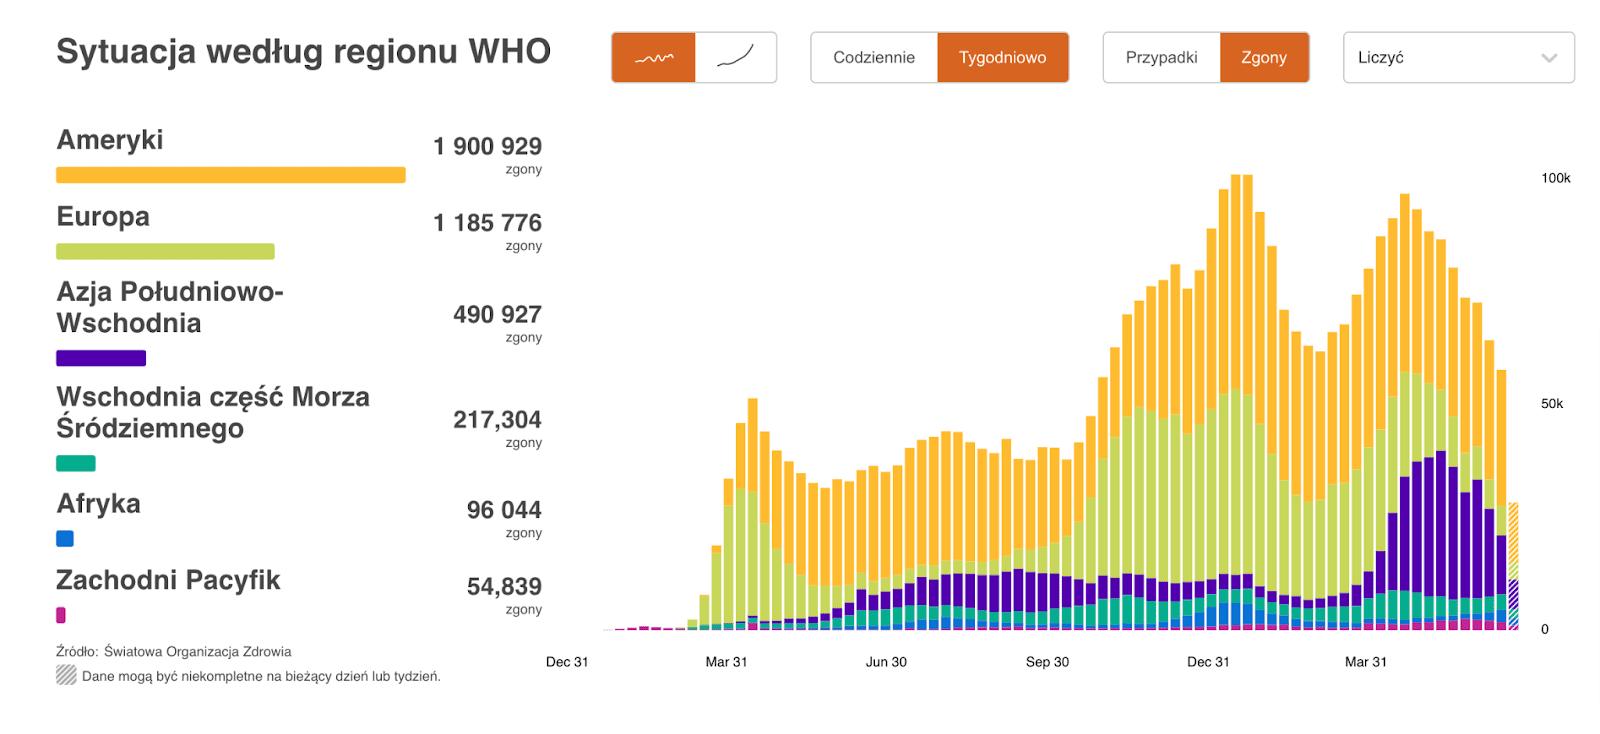 Wykres zdanymi WHO natemat liczby zgonów zpowodu COVID-19 naświecie zpodziałem naregiony: Ameryka, Europa, Azja Południowo-Wschodnia, Wschodnia część Morza Śródziemnego, Afryka, Zachodni Pacyfik.